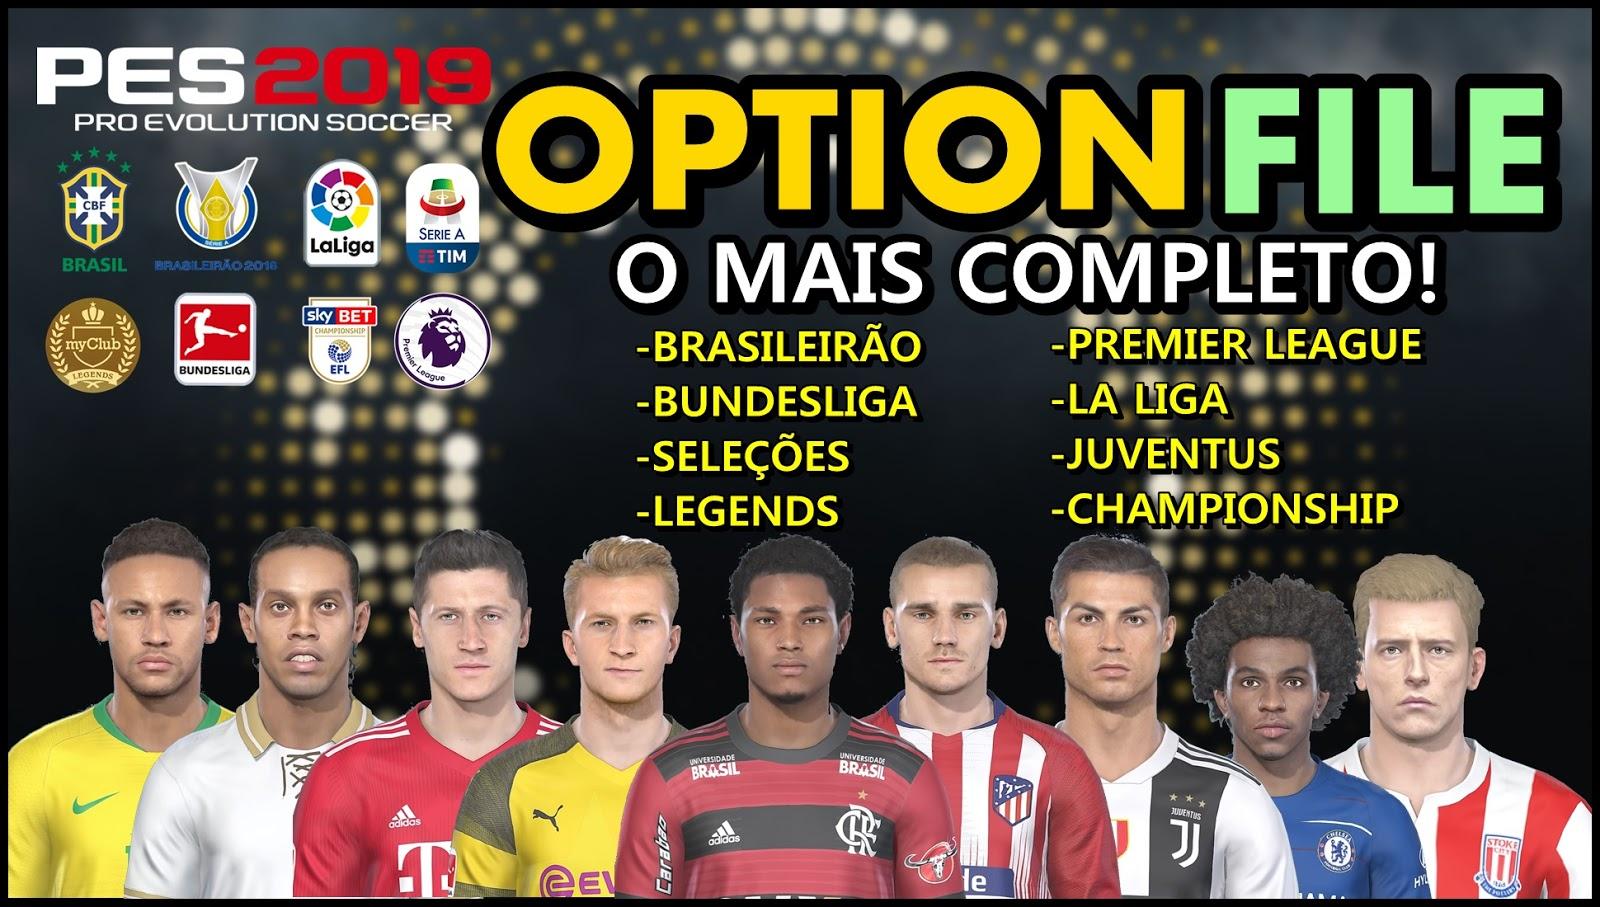 07257bf872 Pes Vício BR  PES 2019 OPTION FILE - O MAIS COMPLETO ATÉ O MOMENTO ...